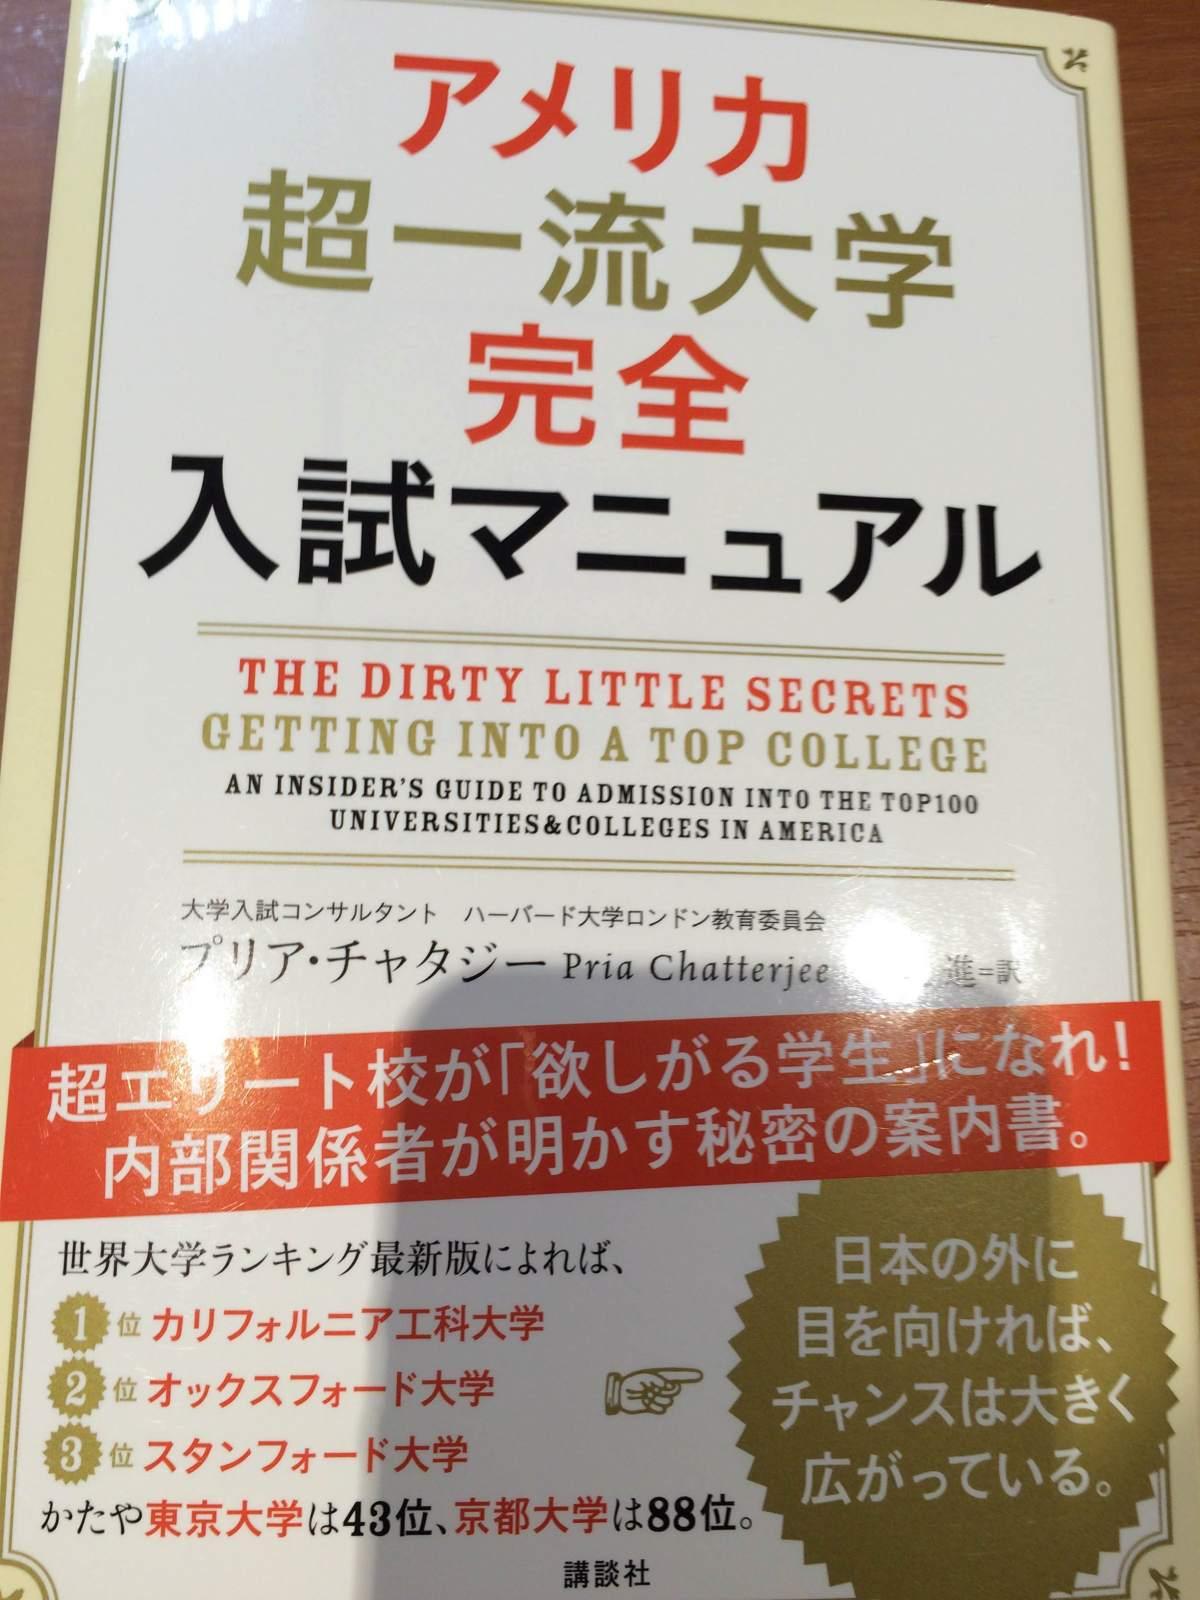 日本の大学に行くのは 当たり前なのか?